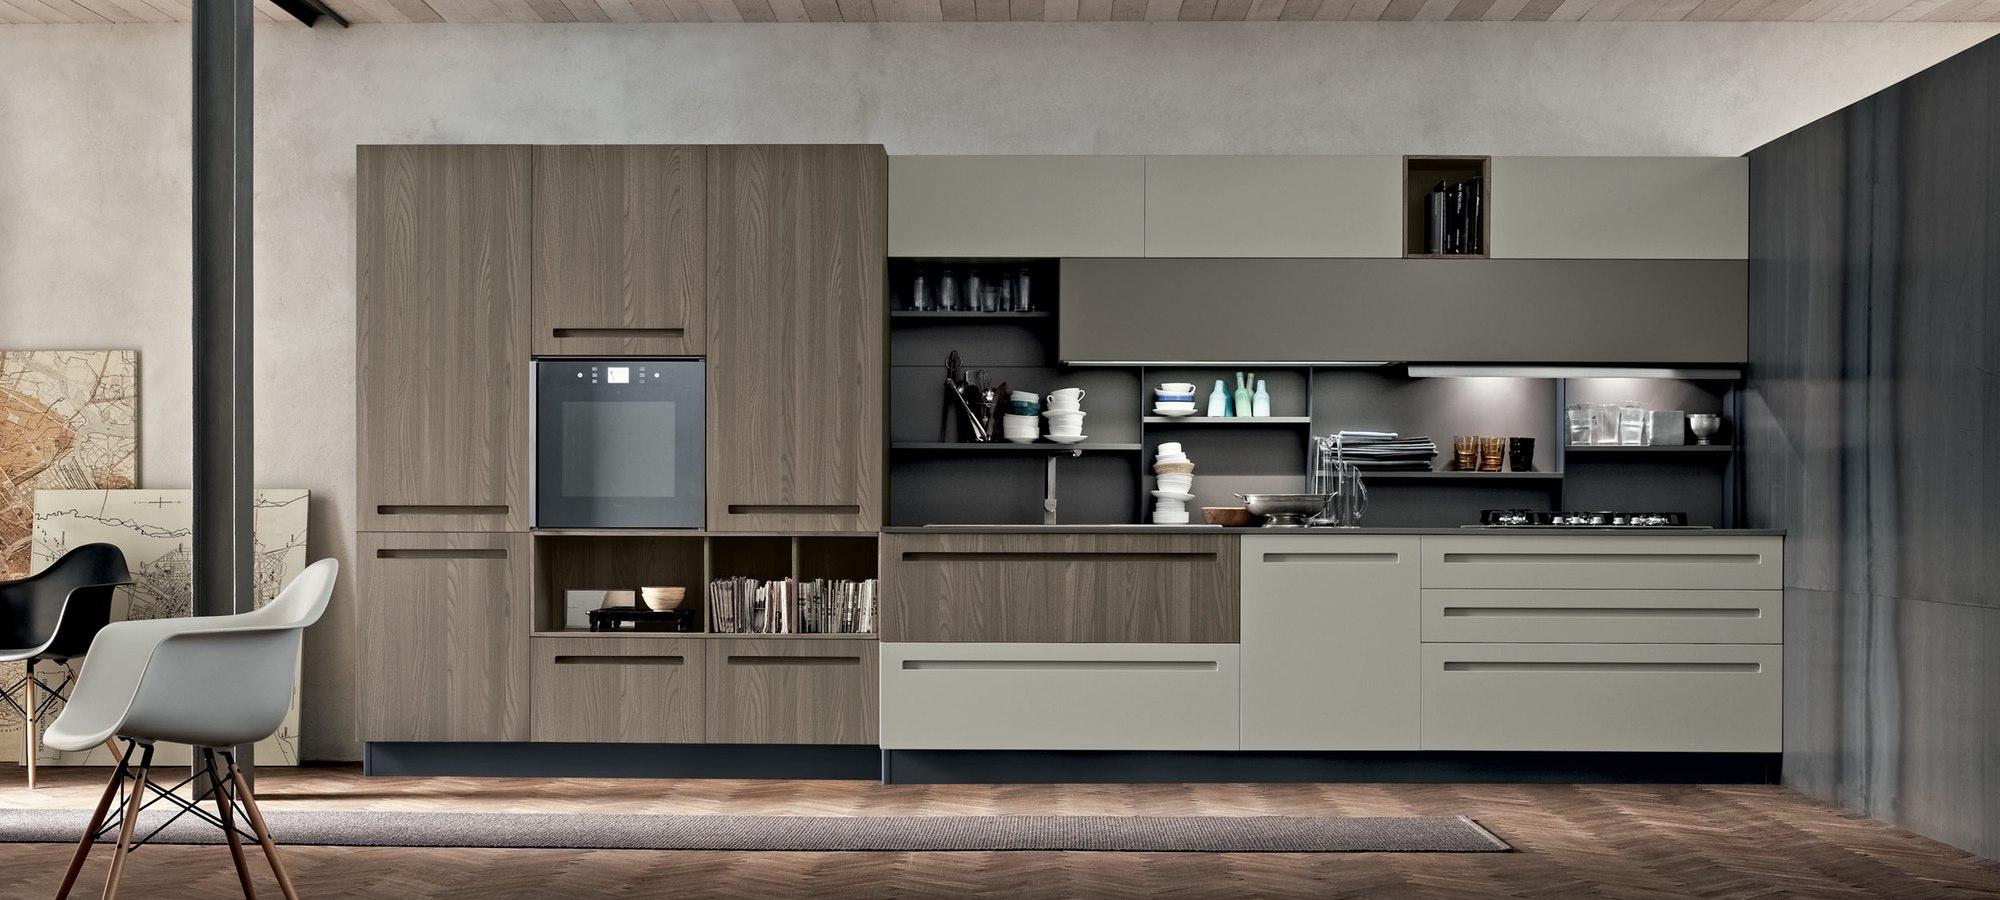 Stili Di Case Moderne.Cucine Moderne Pagina 2 Brennero Case Stili Di Maistri Arreda Srl